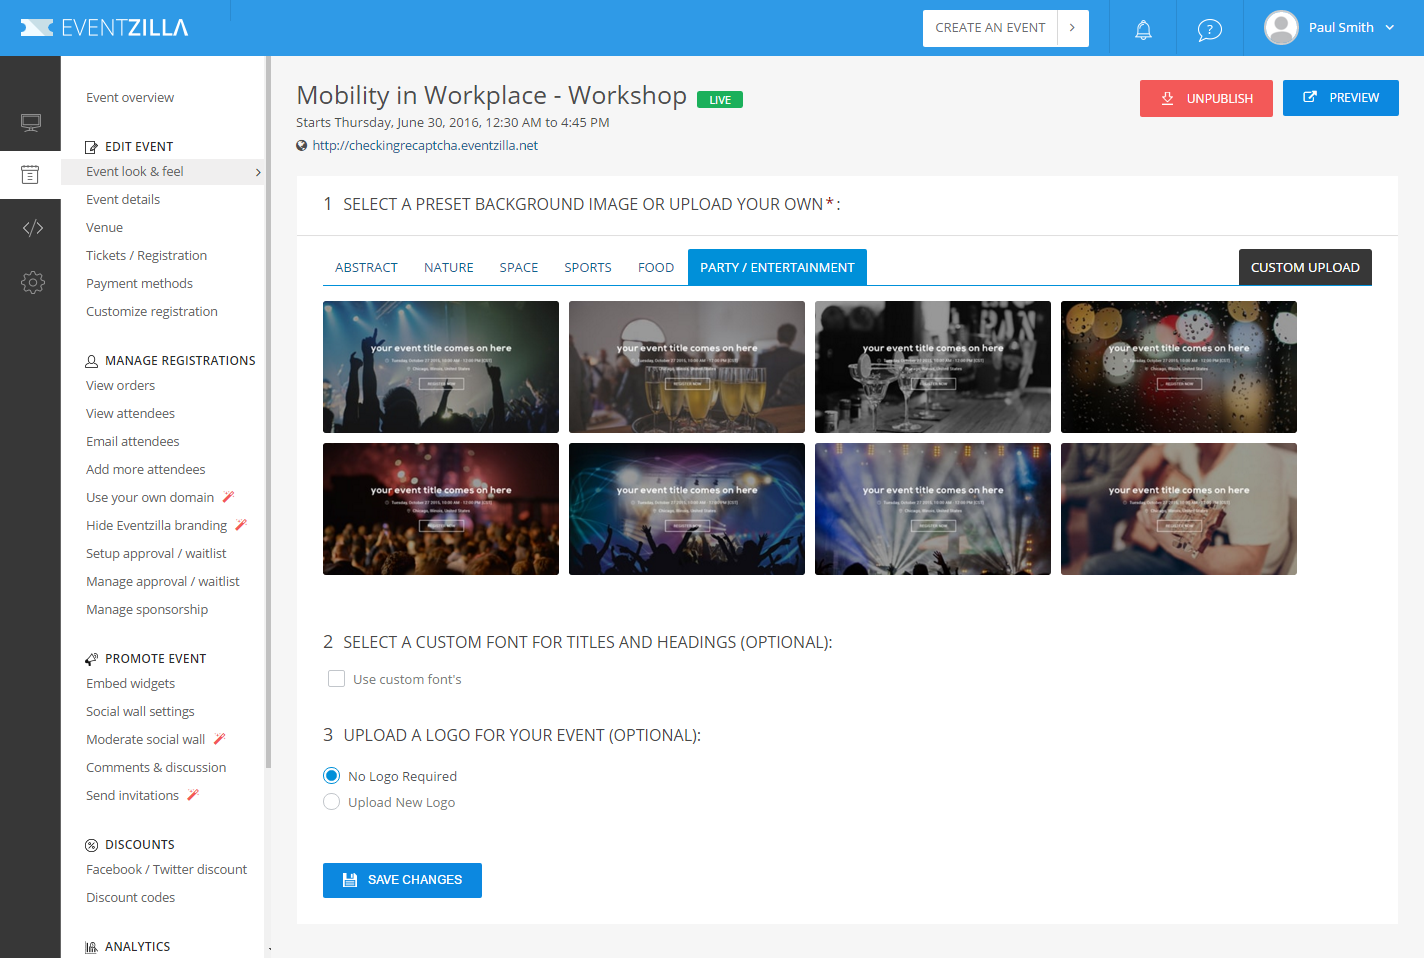 Eventzilla Demo - Personalize your event